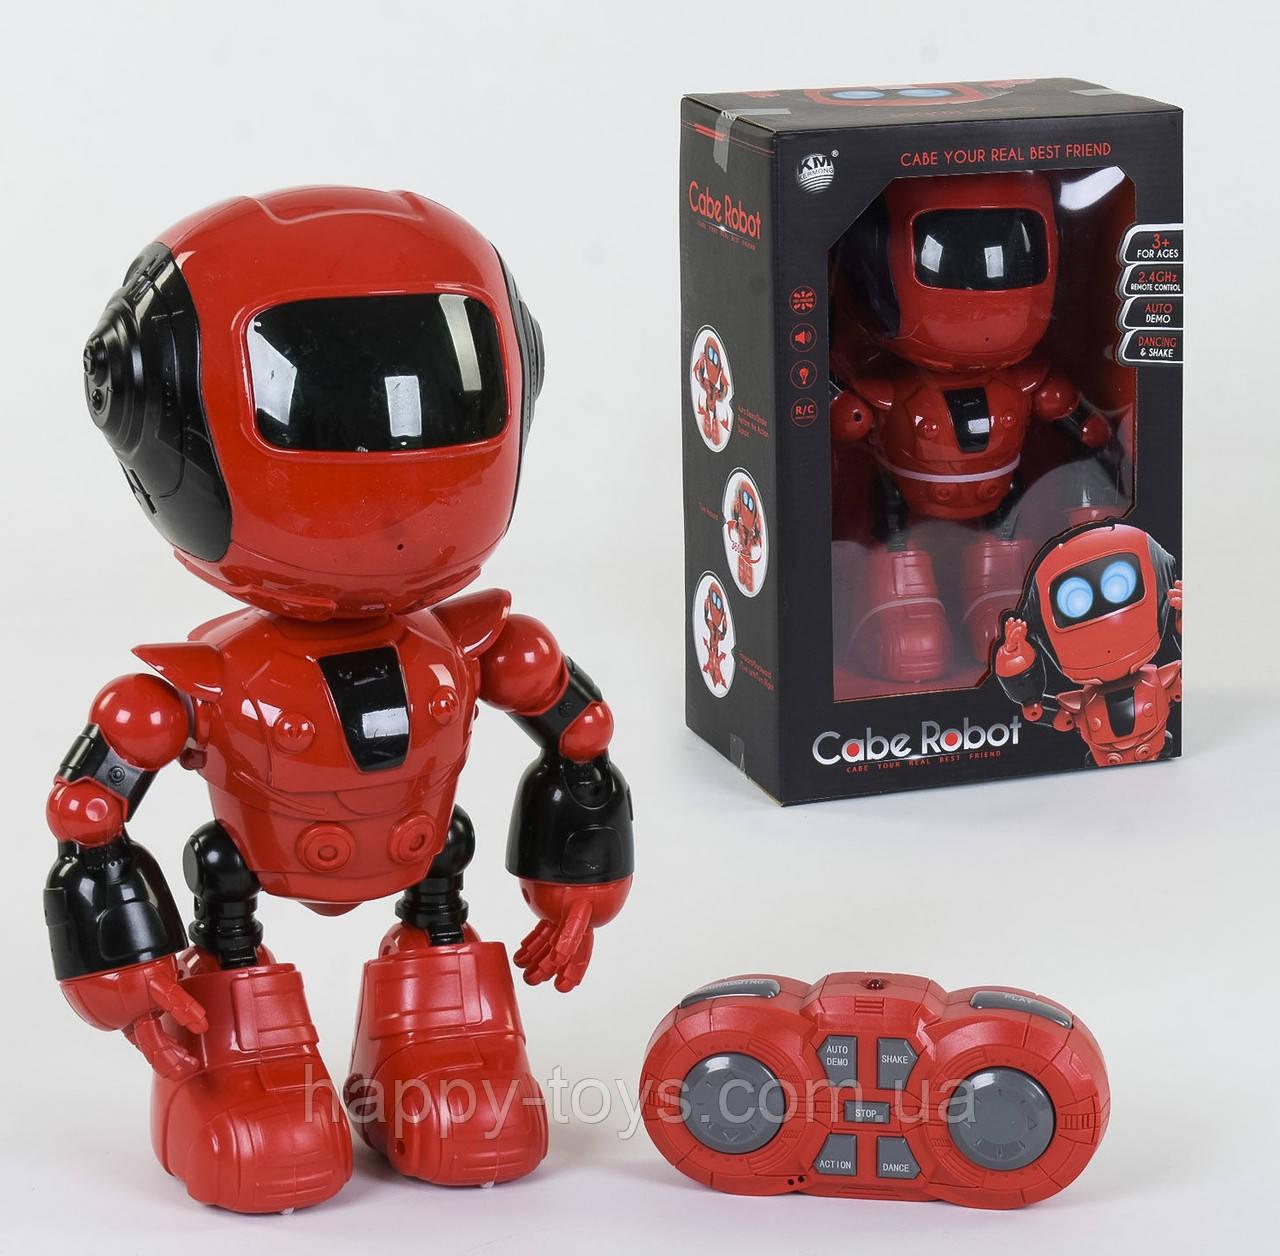 Робот на пульте управлении 2028-81 А, цвет Красный, подсветка, мелодия